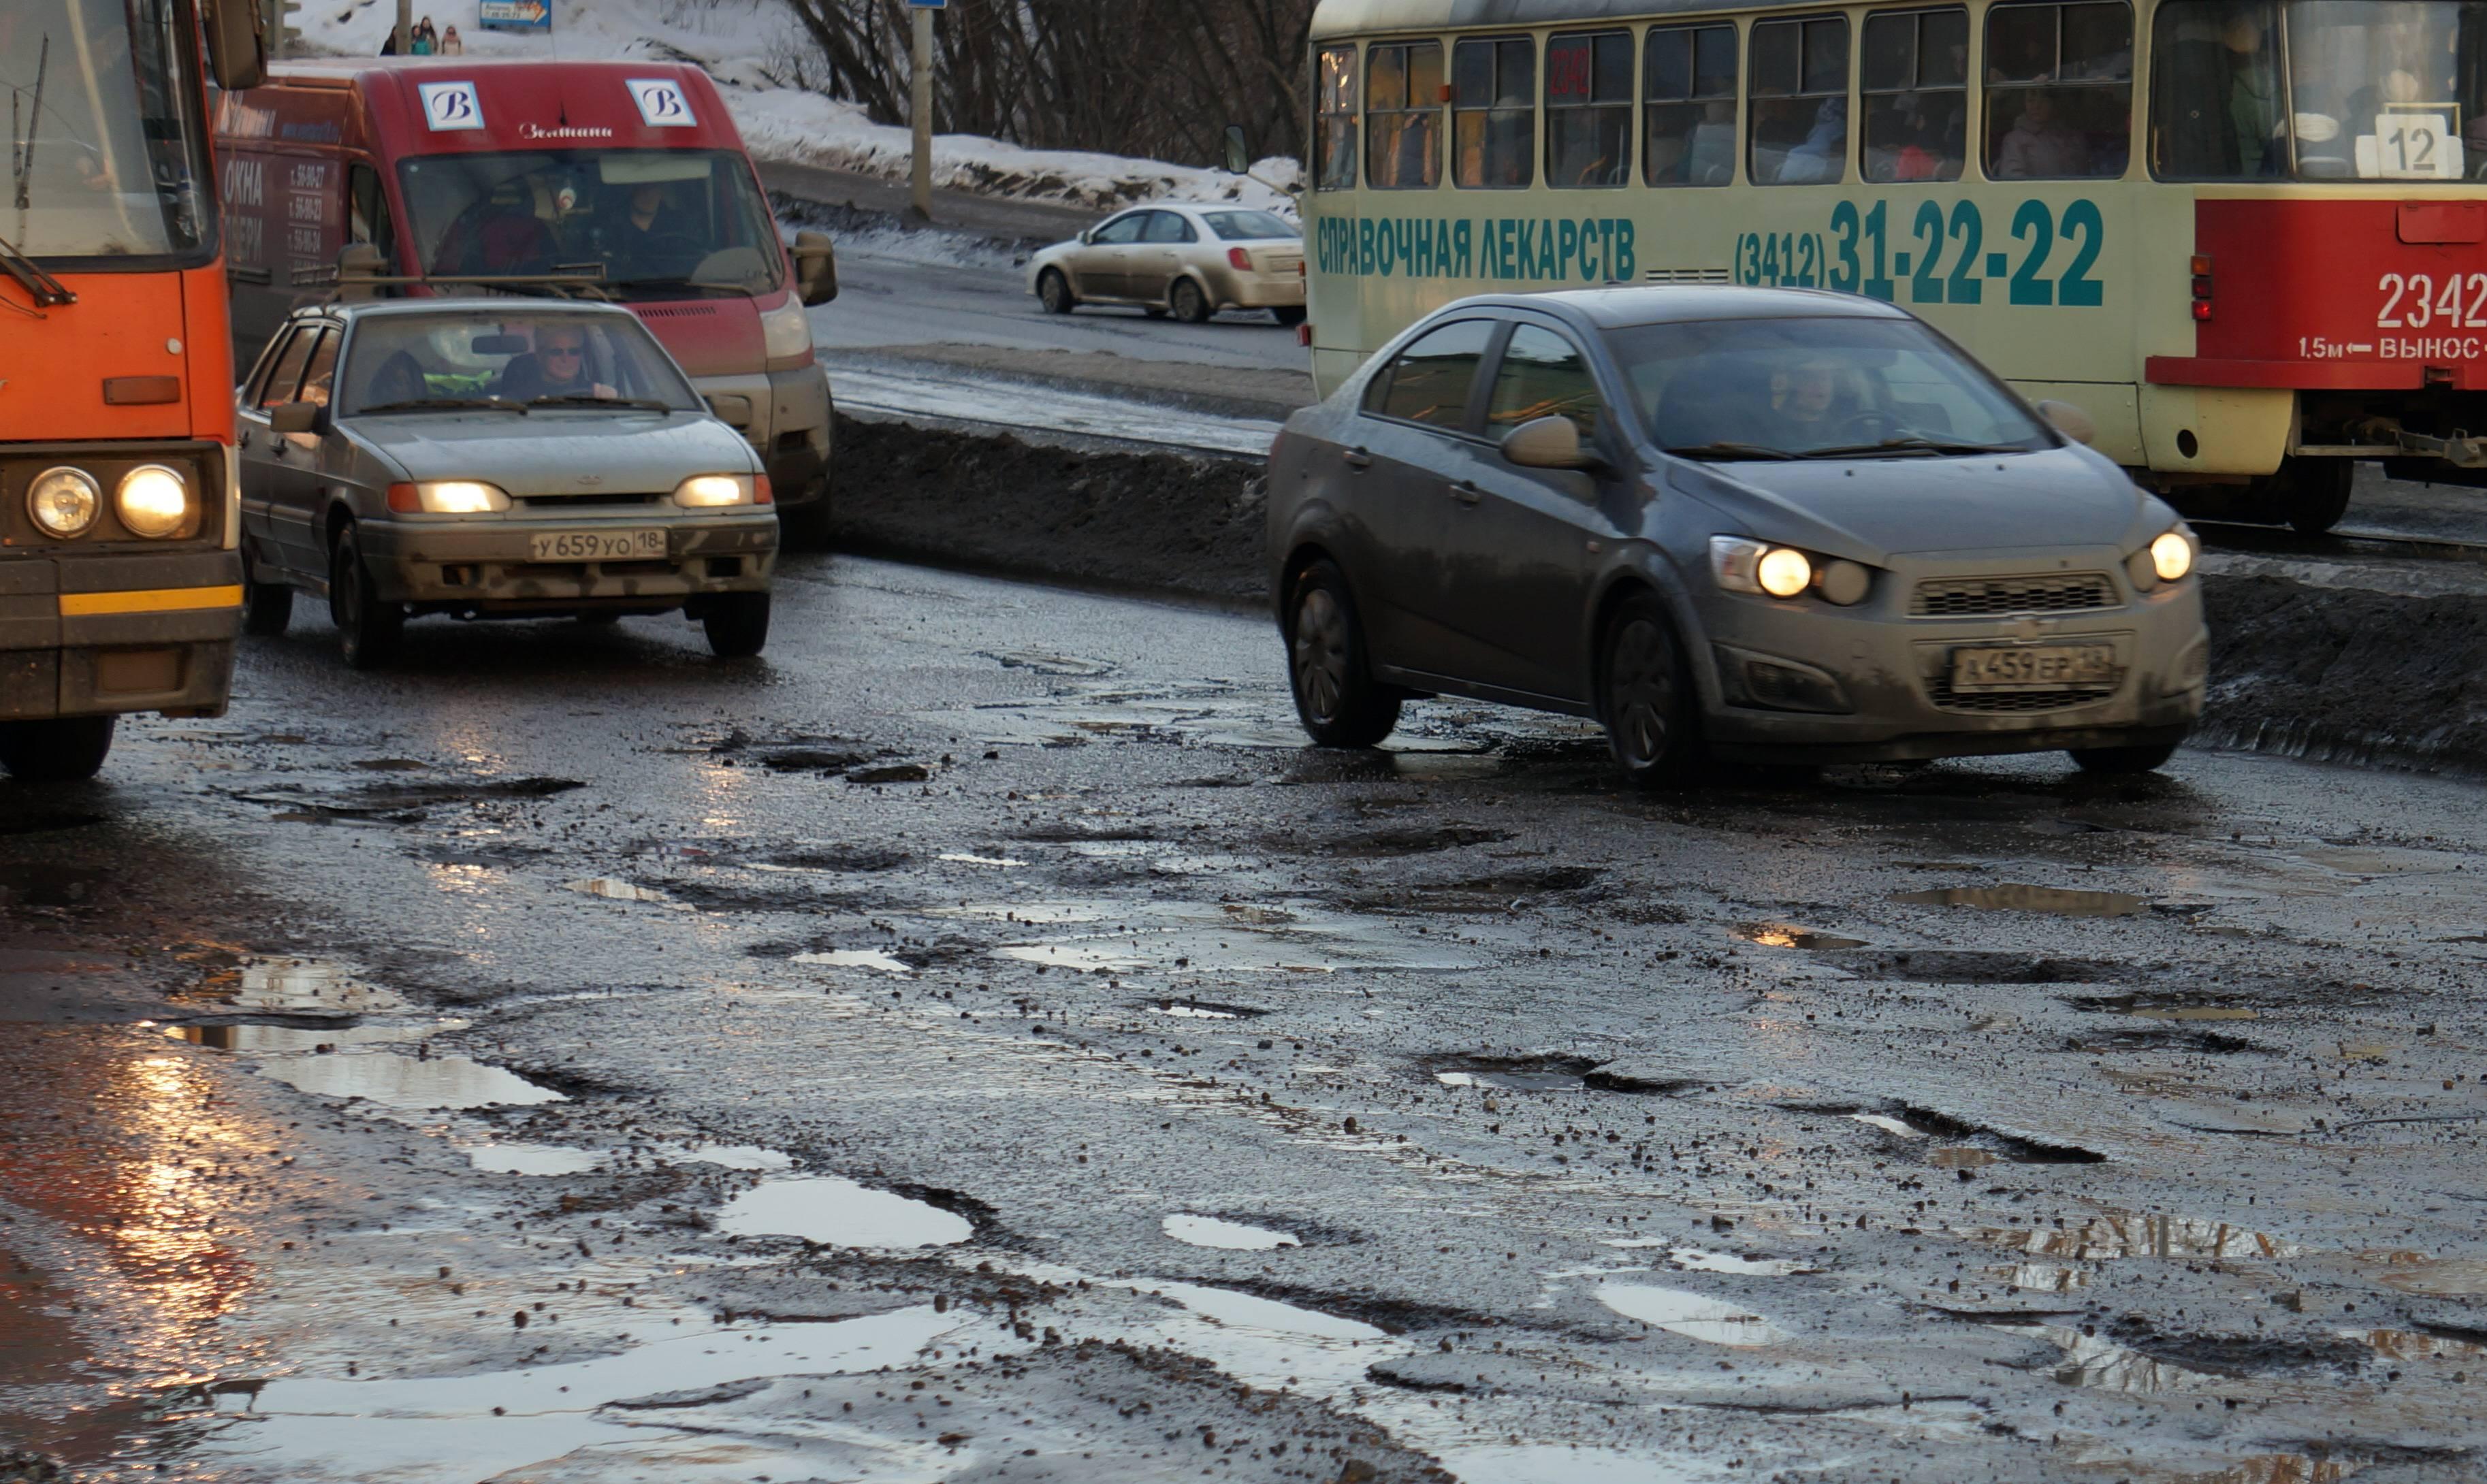 Общественная организация «Автомобилисты Удмуртии» опубликовала на своем сайте титульный список ремонта дорог в Ижевске на 2016 год... Читать далее...